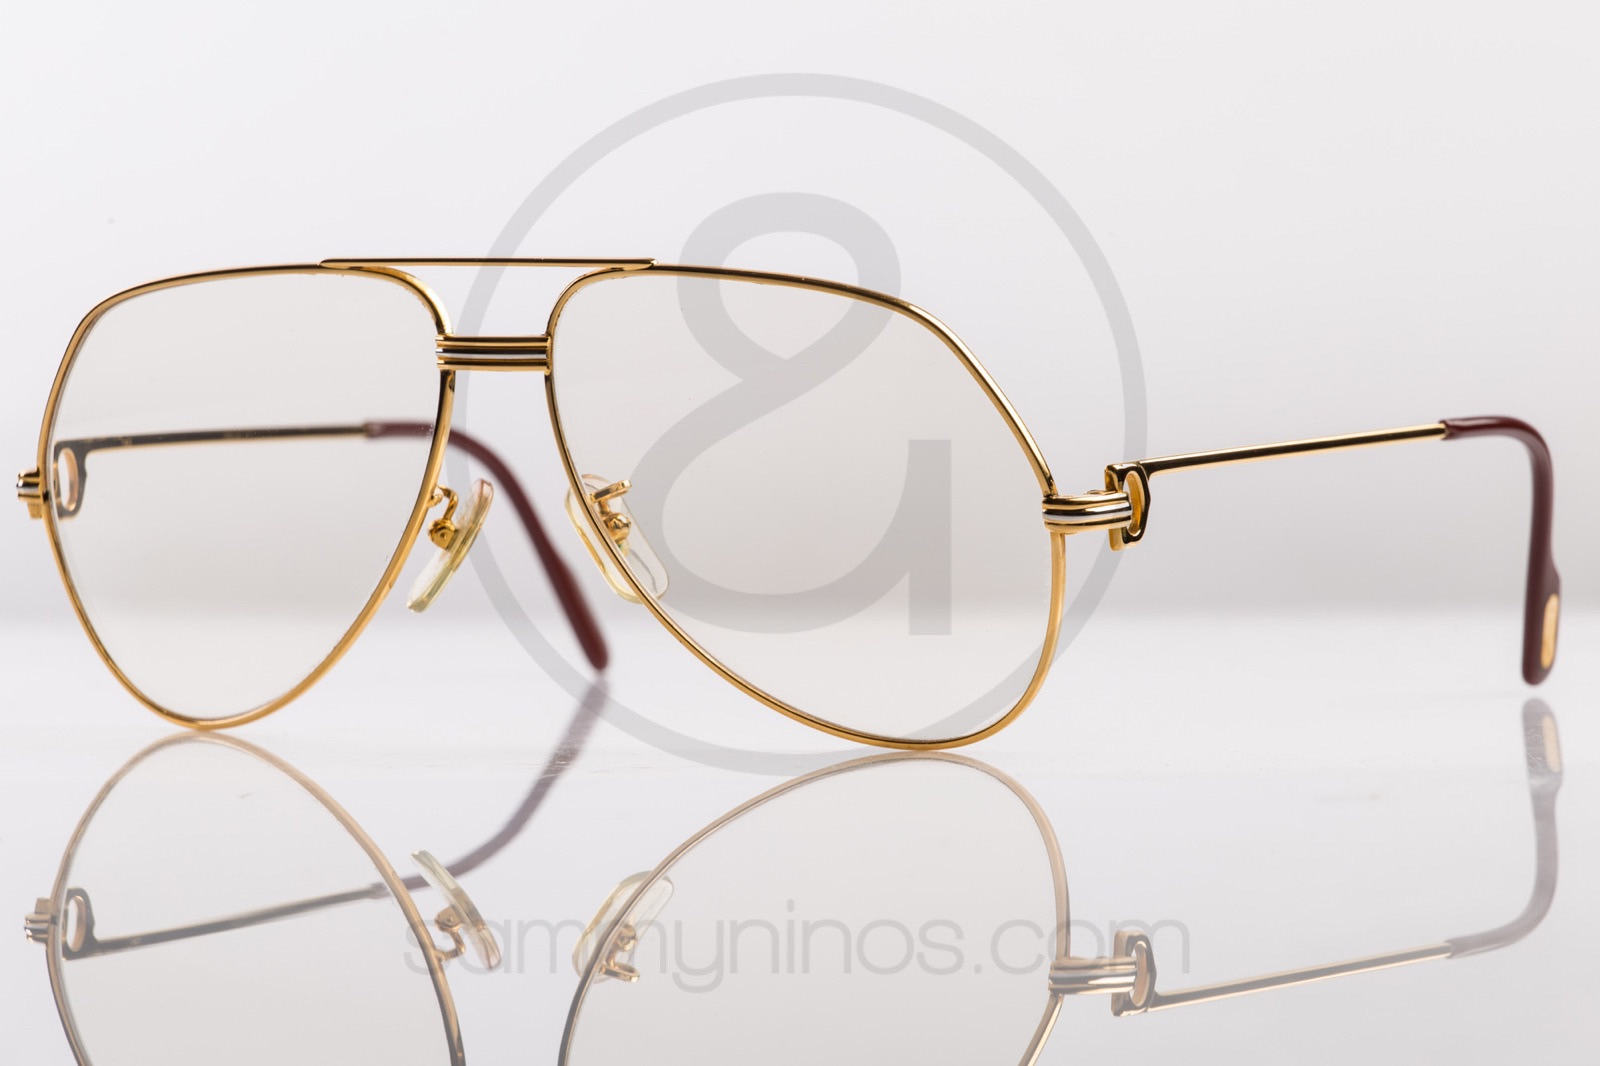 6d8c4a9974de Cartier Vendome Louis 62-14 (photochromic) – Sammy   Nino s Store